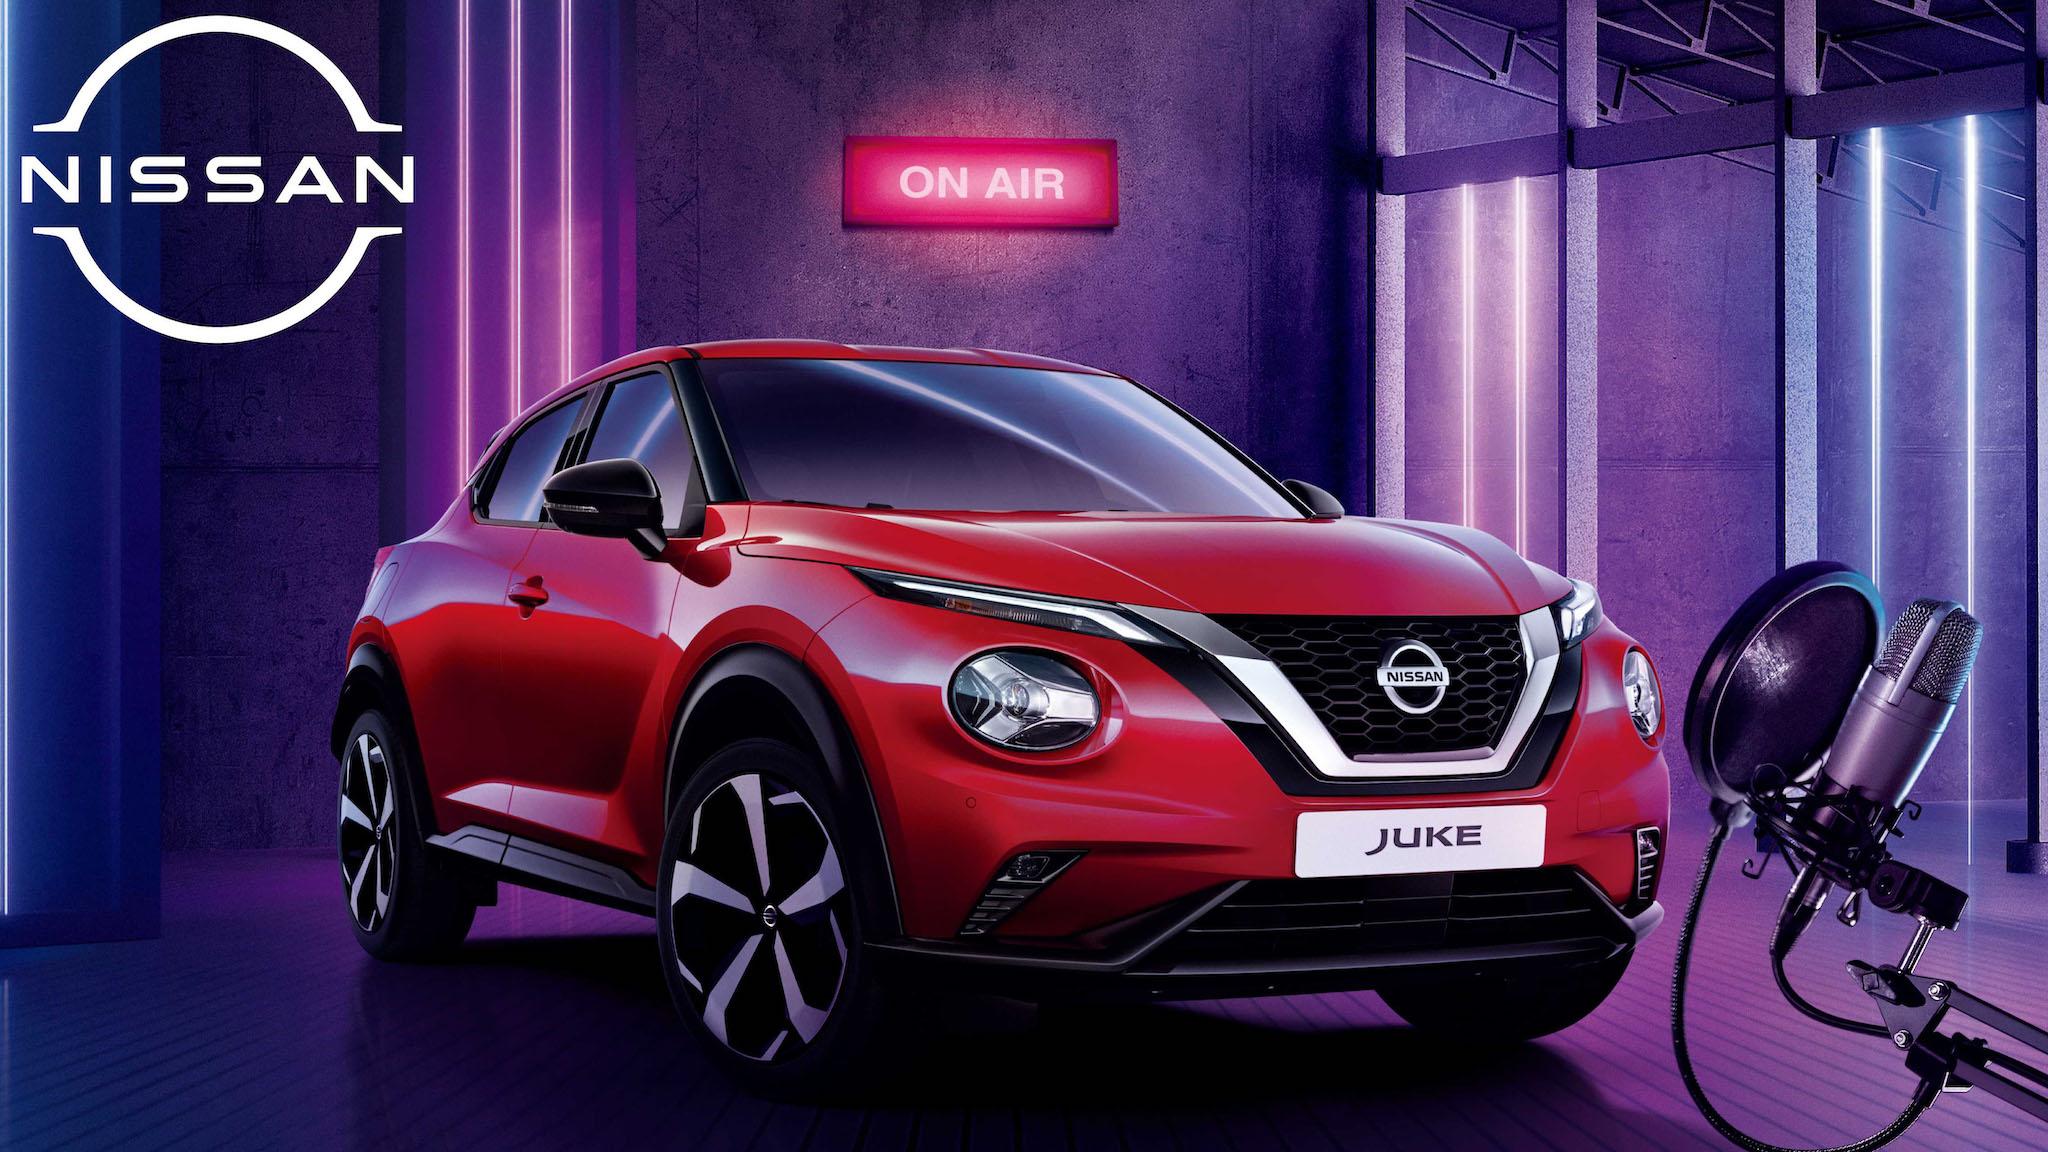 ▲ 全新 Nissan Juke 英倫跑旅 87.9 萬元起,預售只到 11/18